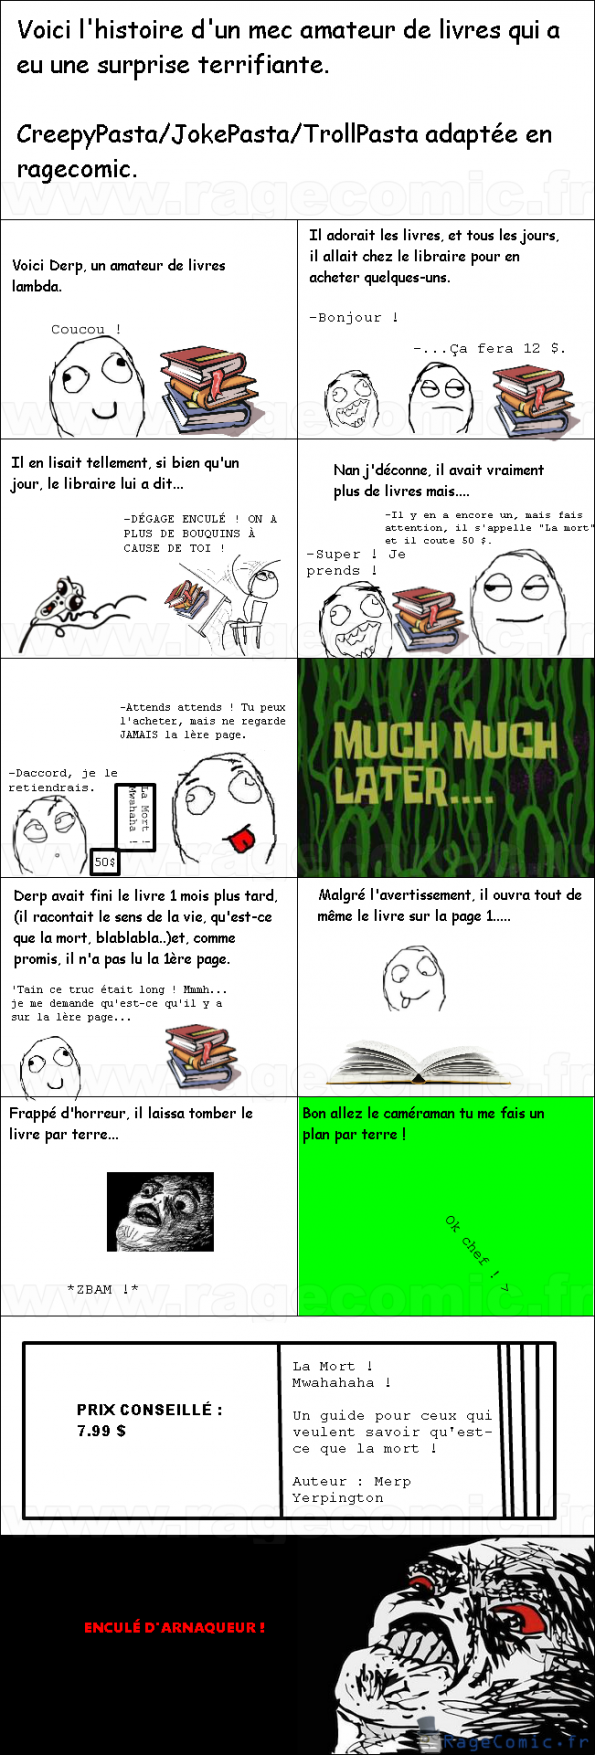 Histoire d'une JokePasta